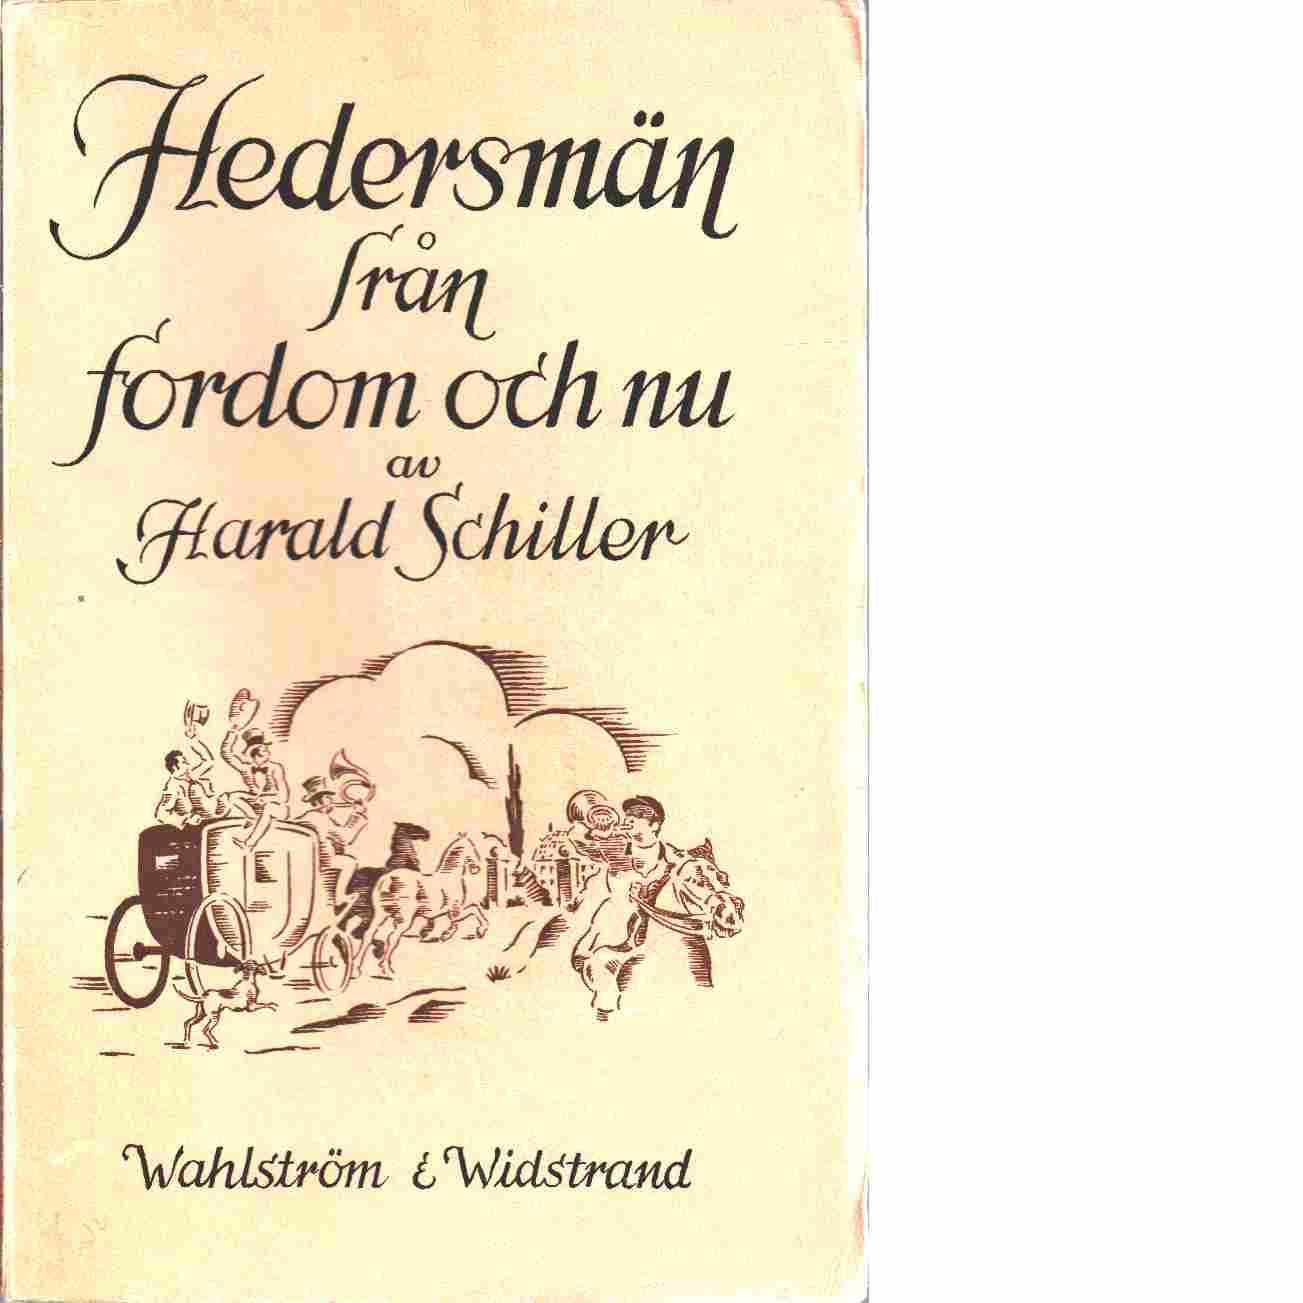 Hedersmän från fordom och nu - Schiller, Harald